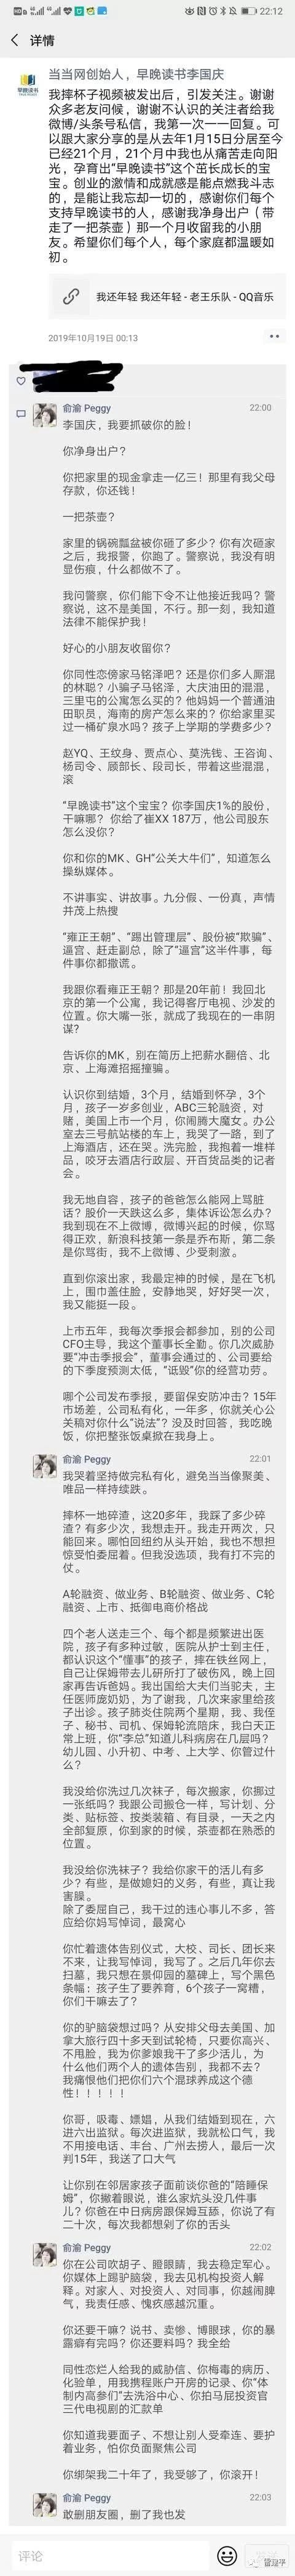 """李国庆反击俞渝: 很多男性女性向我示爱 """"绯闻男友""""的公司已注销"""